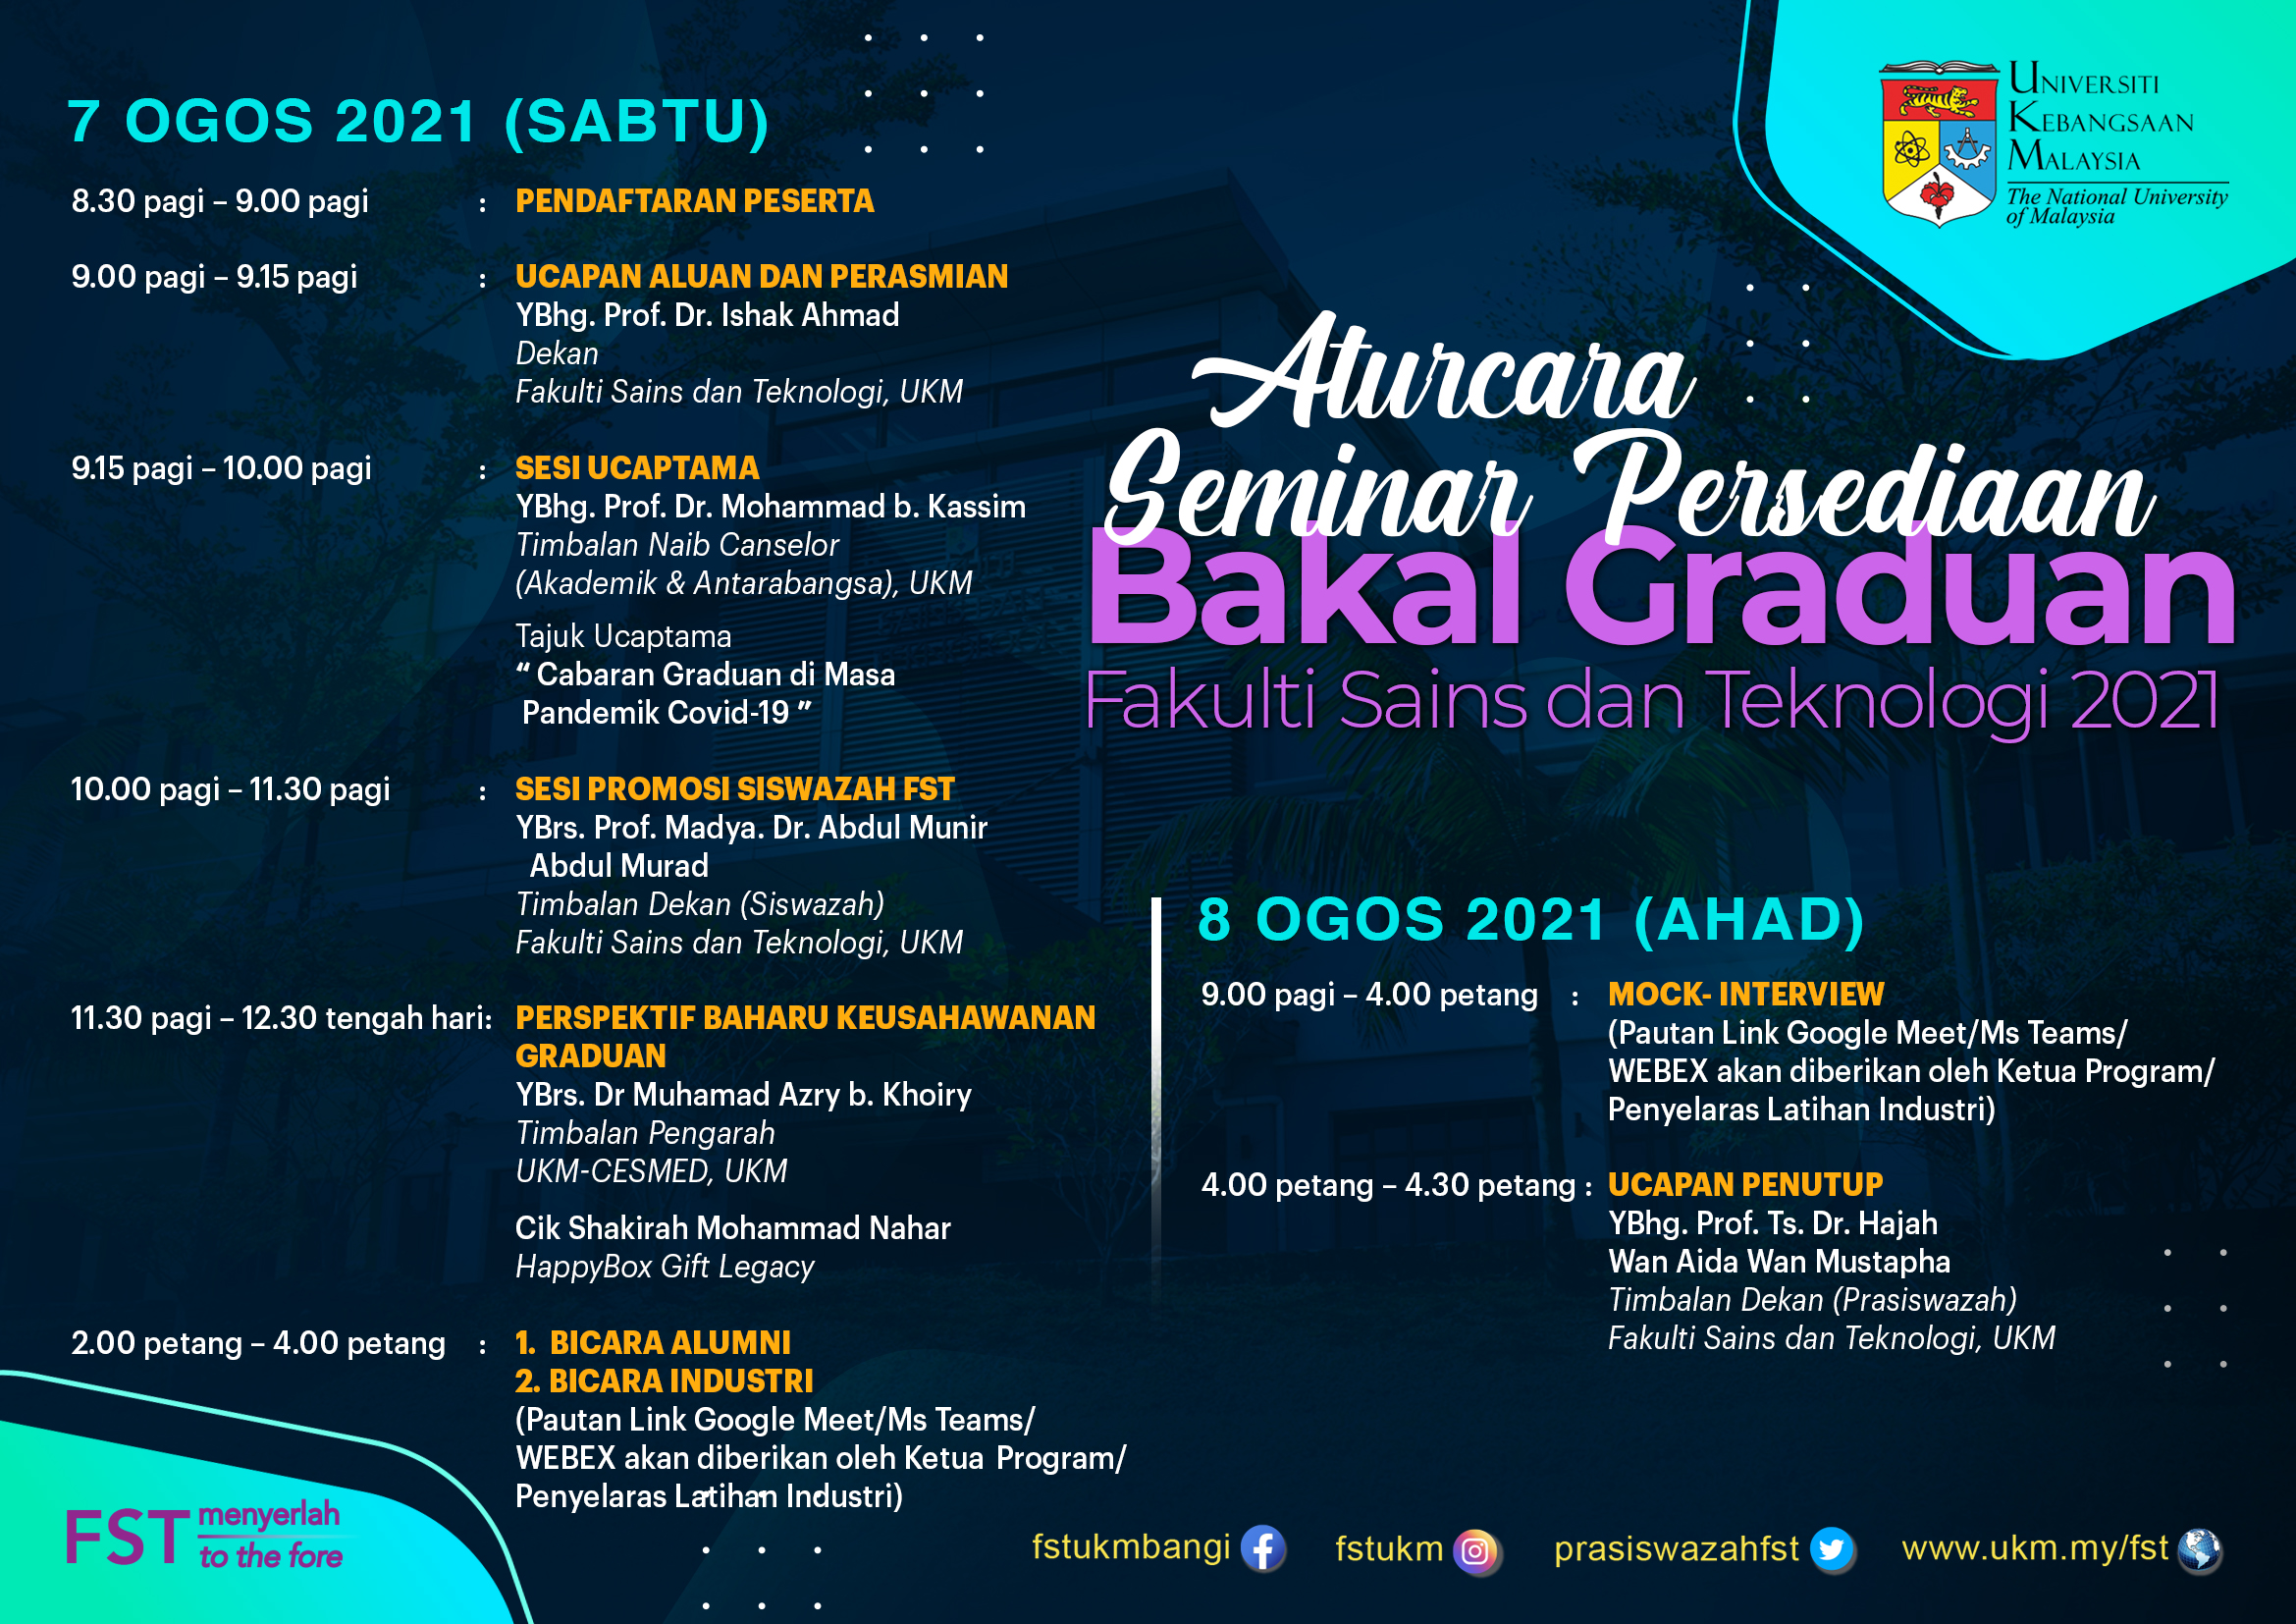 Poster Aturcara Seminar Persediaan Bakal Graduan FST